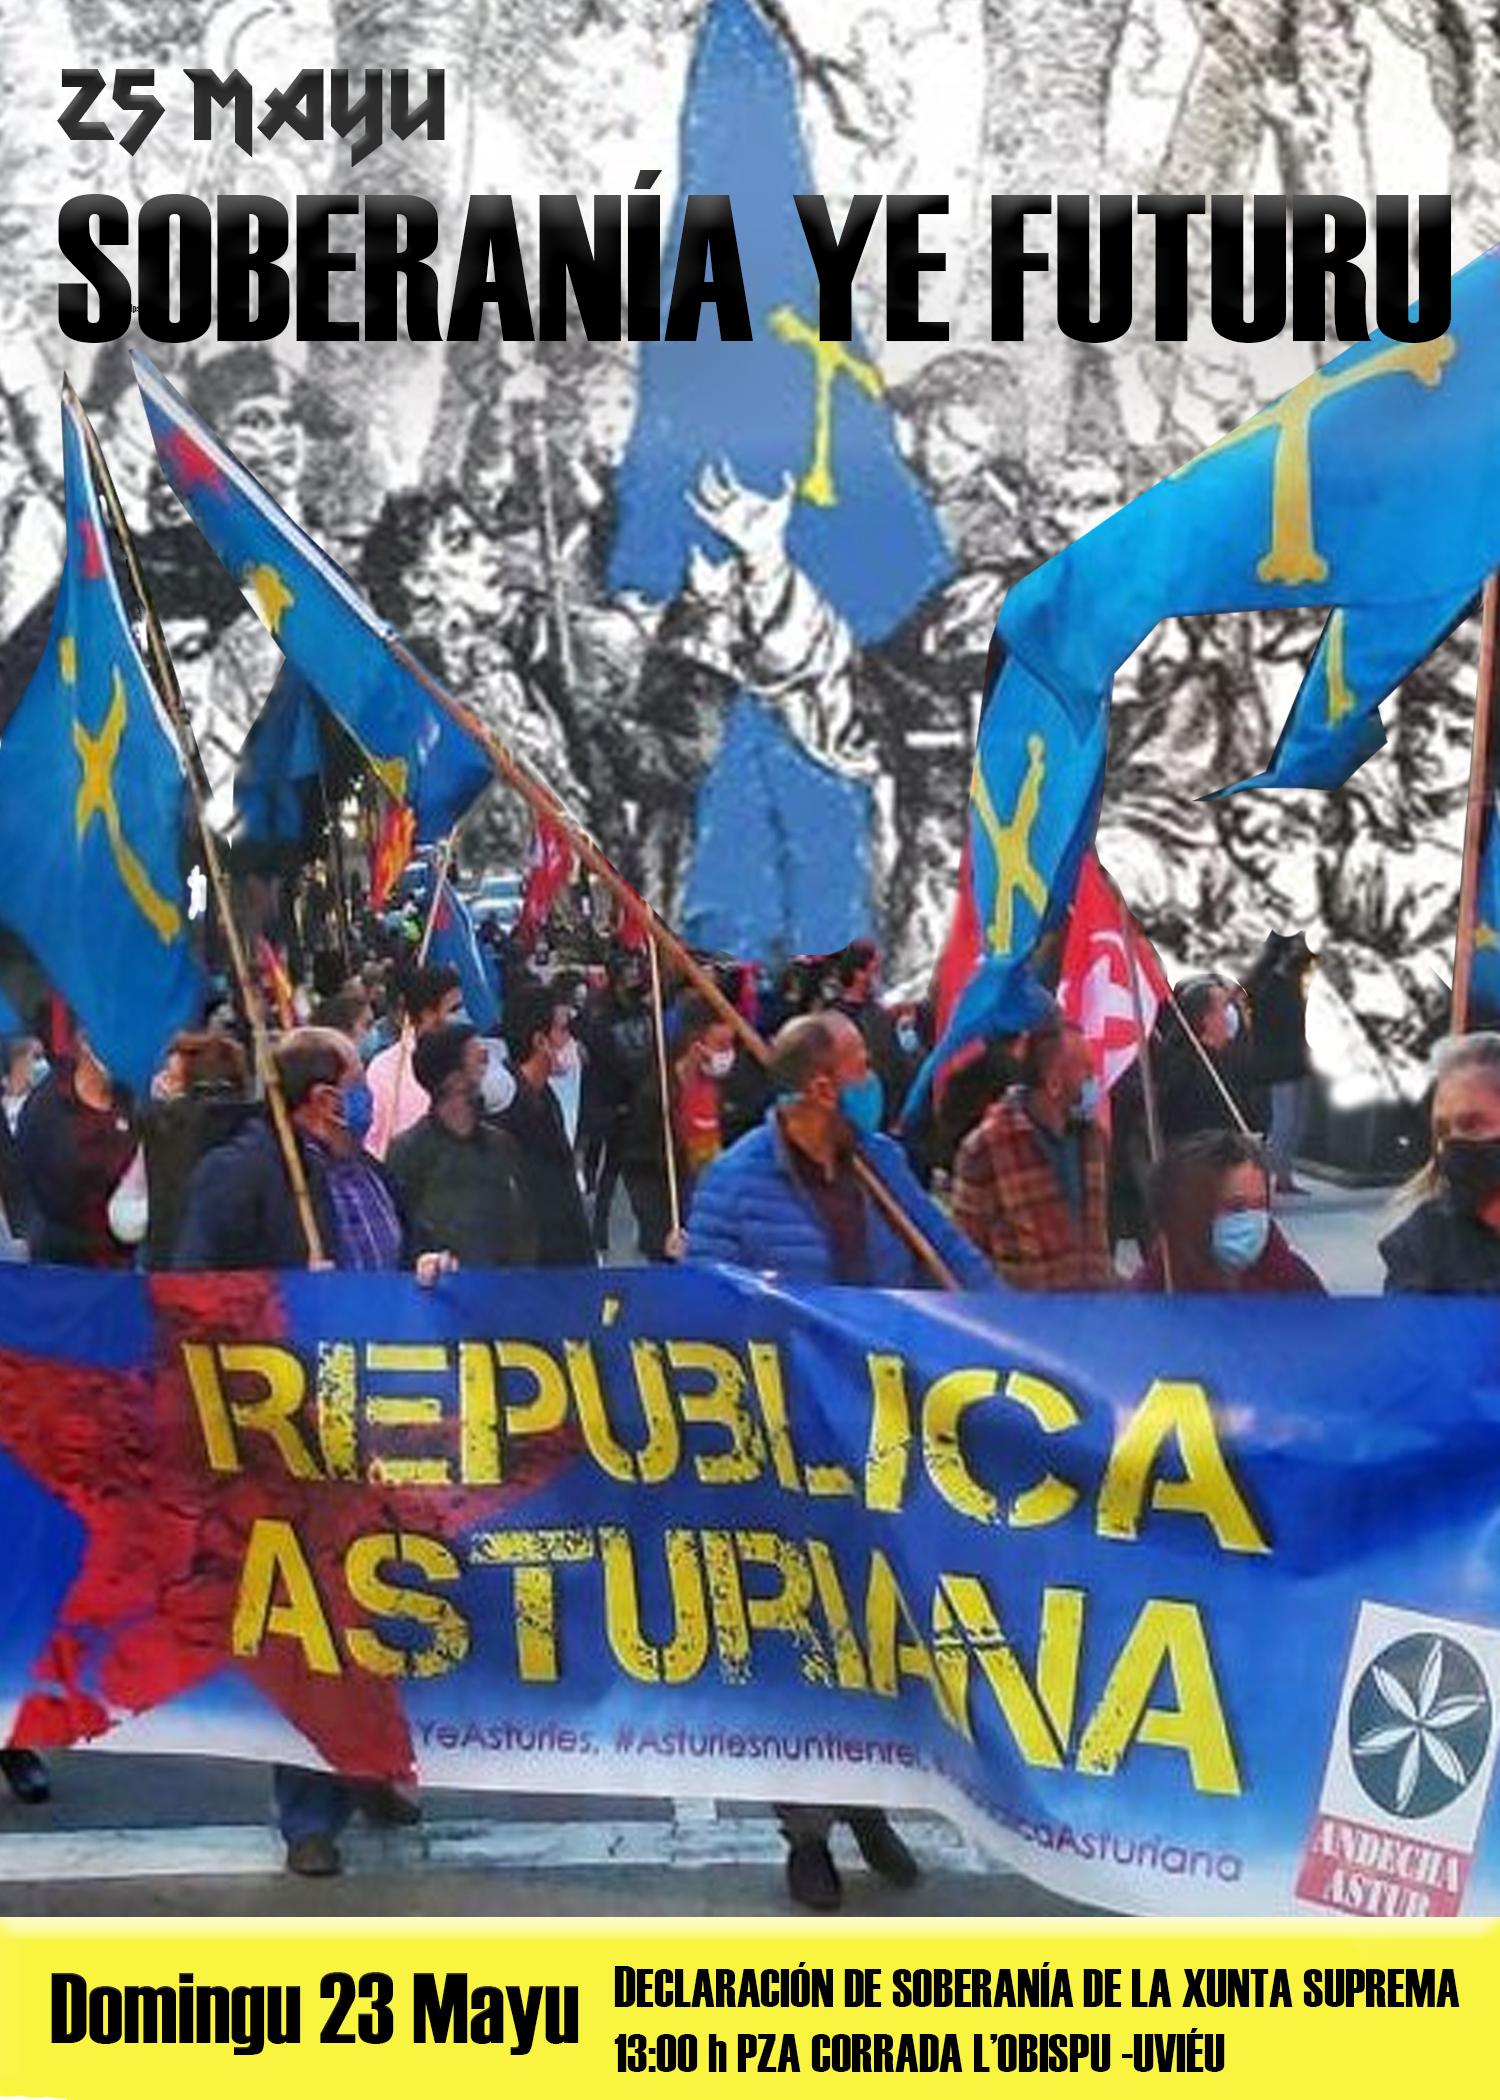 La Xunta Xeneral tramita'l pidíu d'Andecha Astur pa cellebrar istitucionalmente la Declaración de Soberania del 25 Mayu